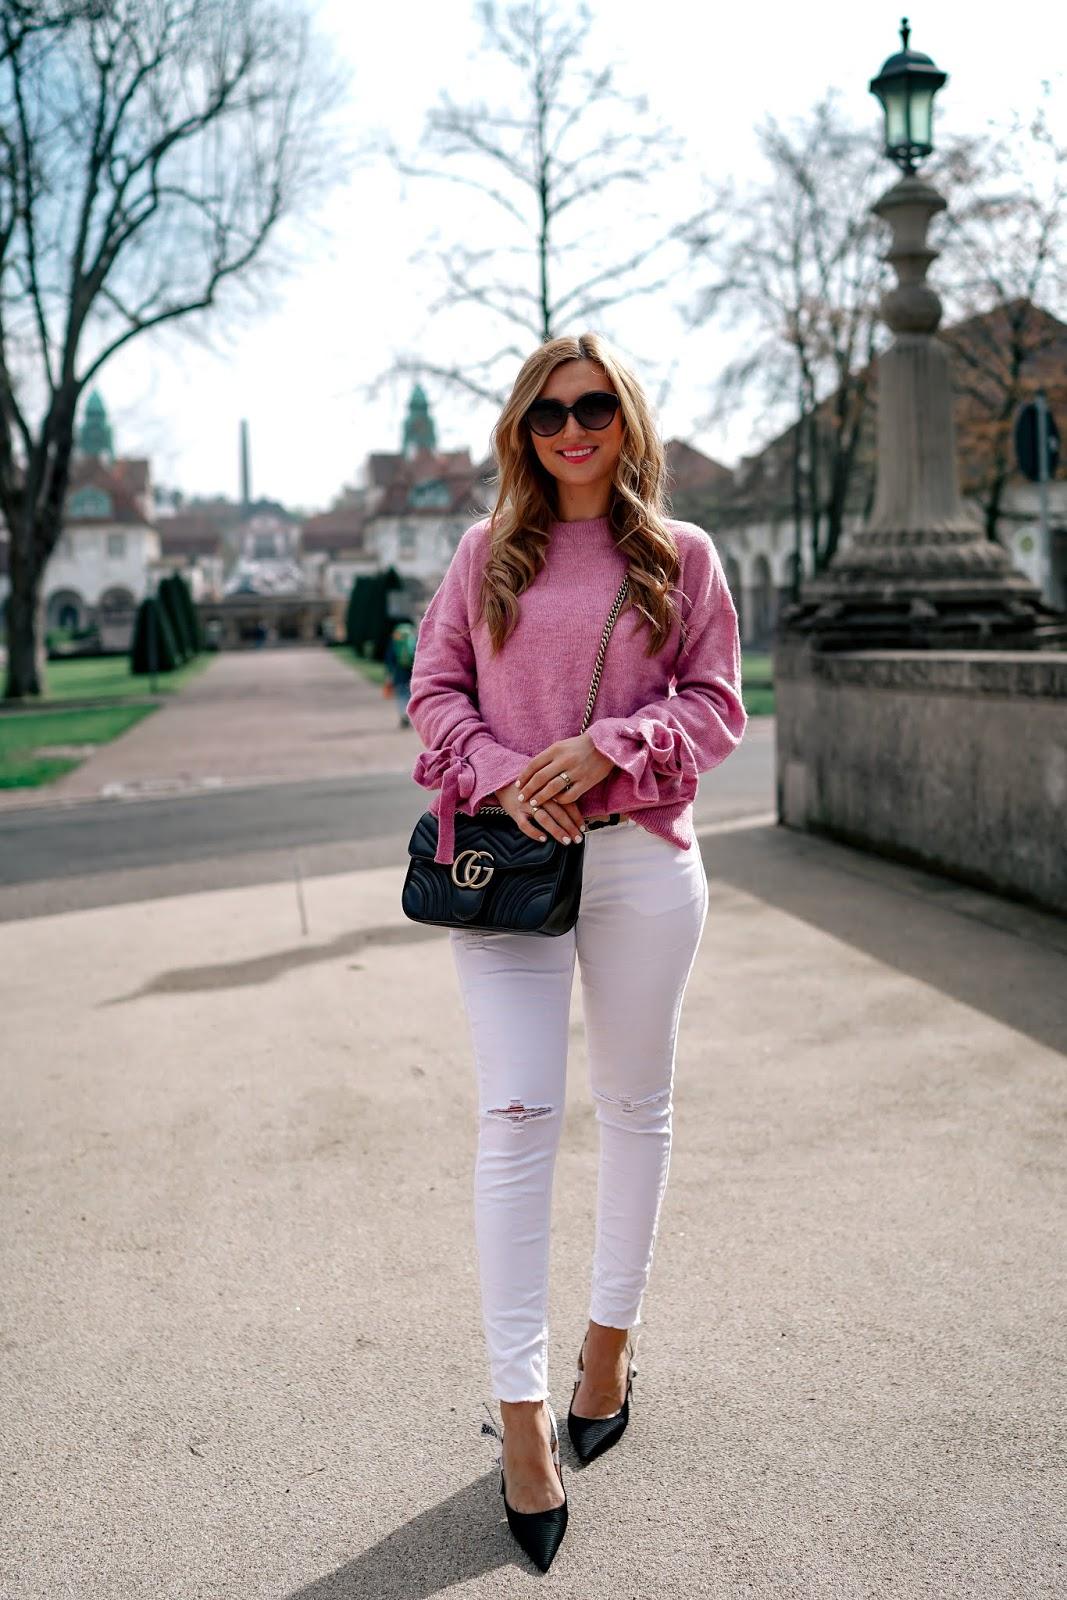 fashionstylebyjohanna- gucci-marmont-tasche-schwarz-weiße-jeans-rosa-pullover